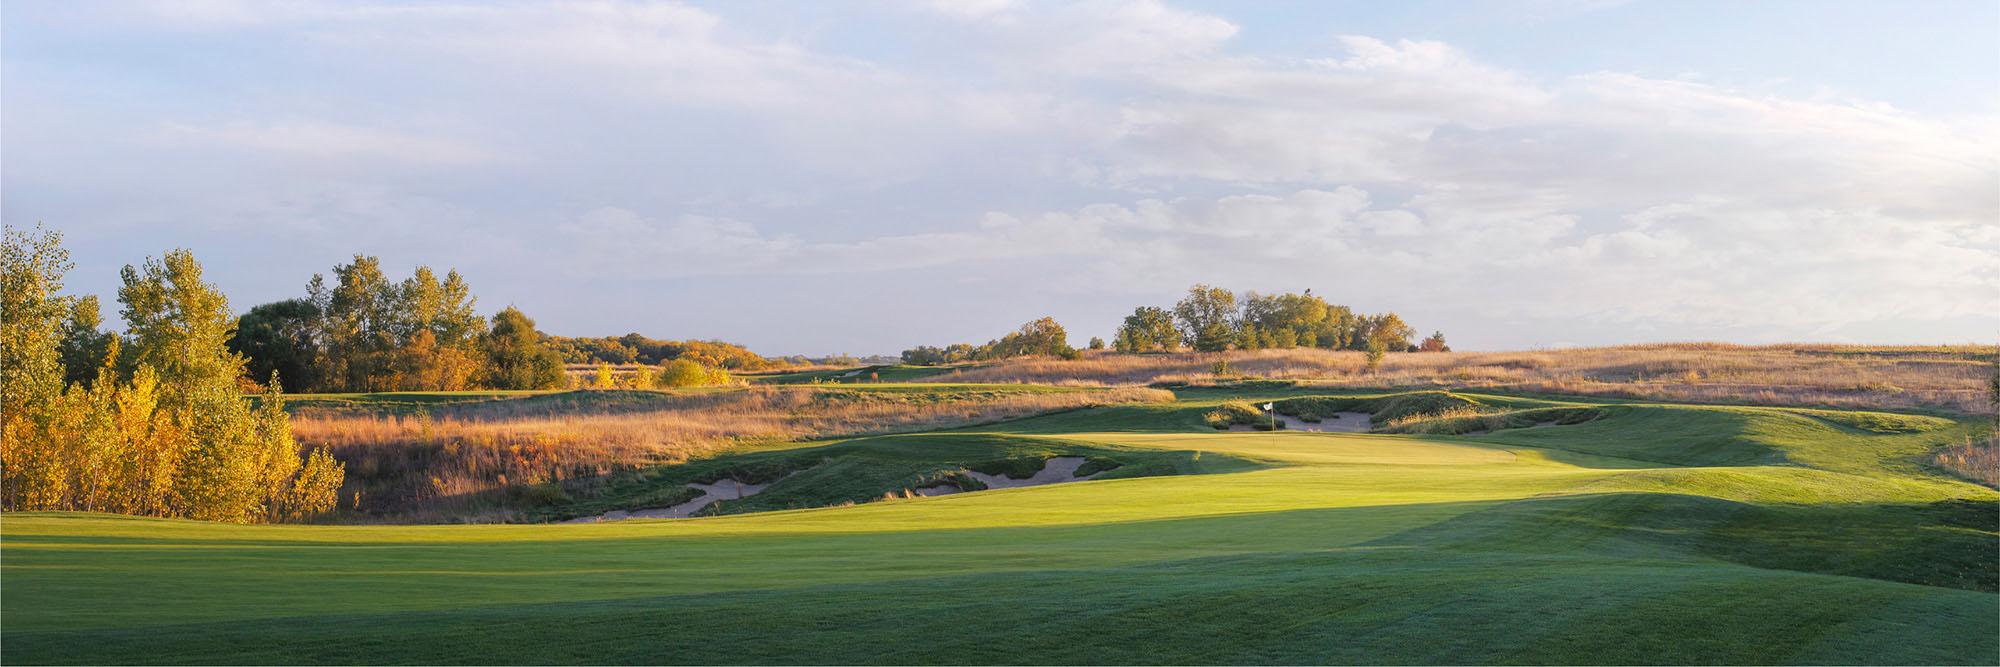 Golf Course Image - Arbor Links No. 5